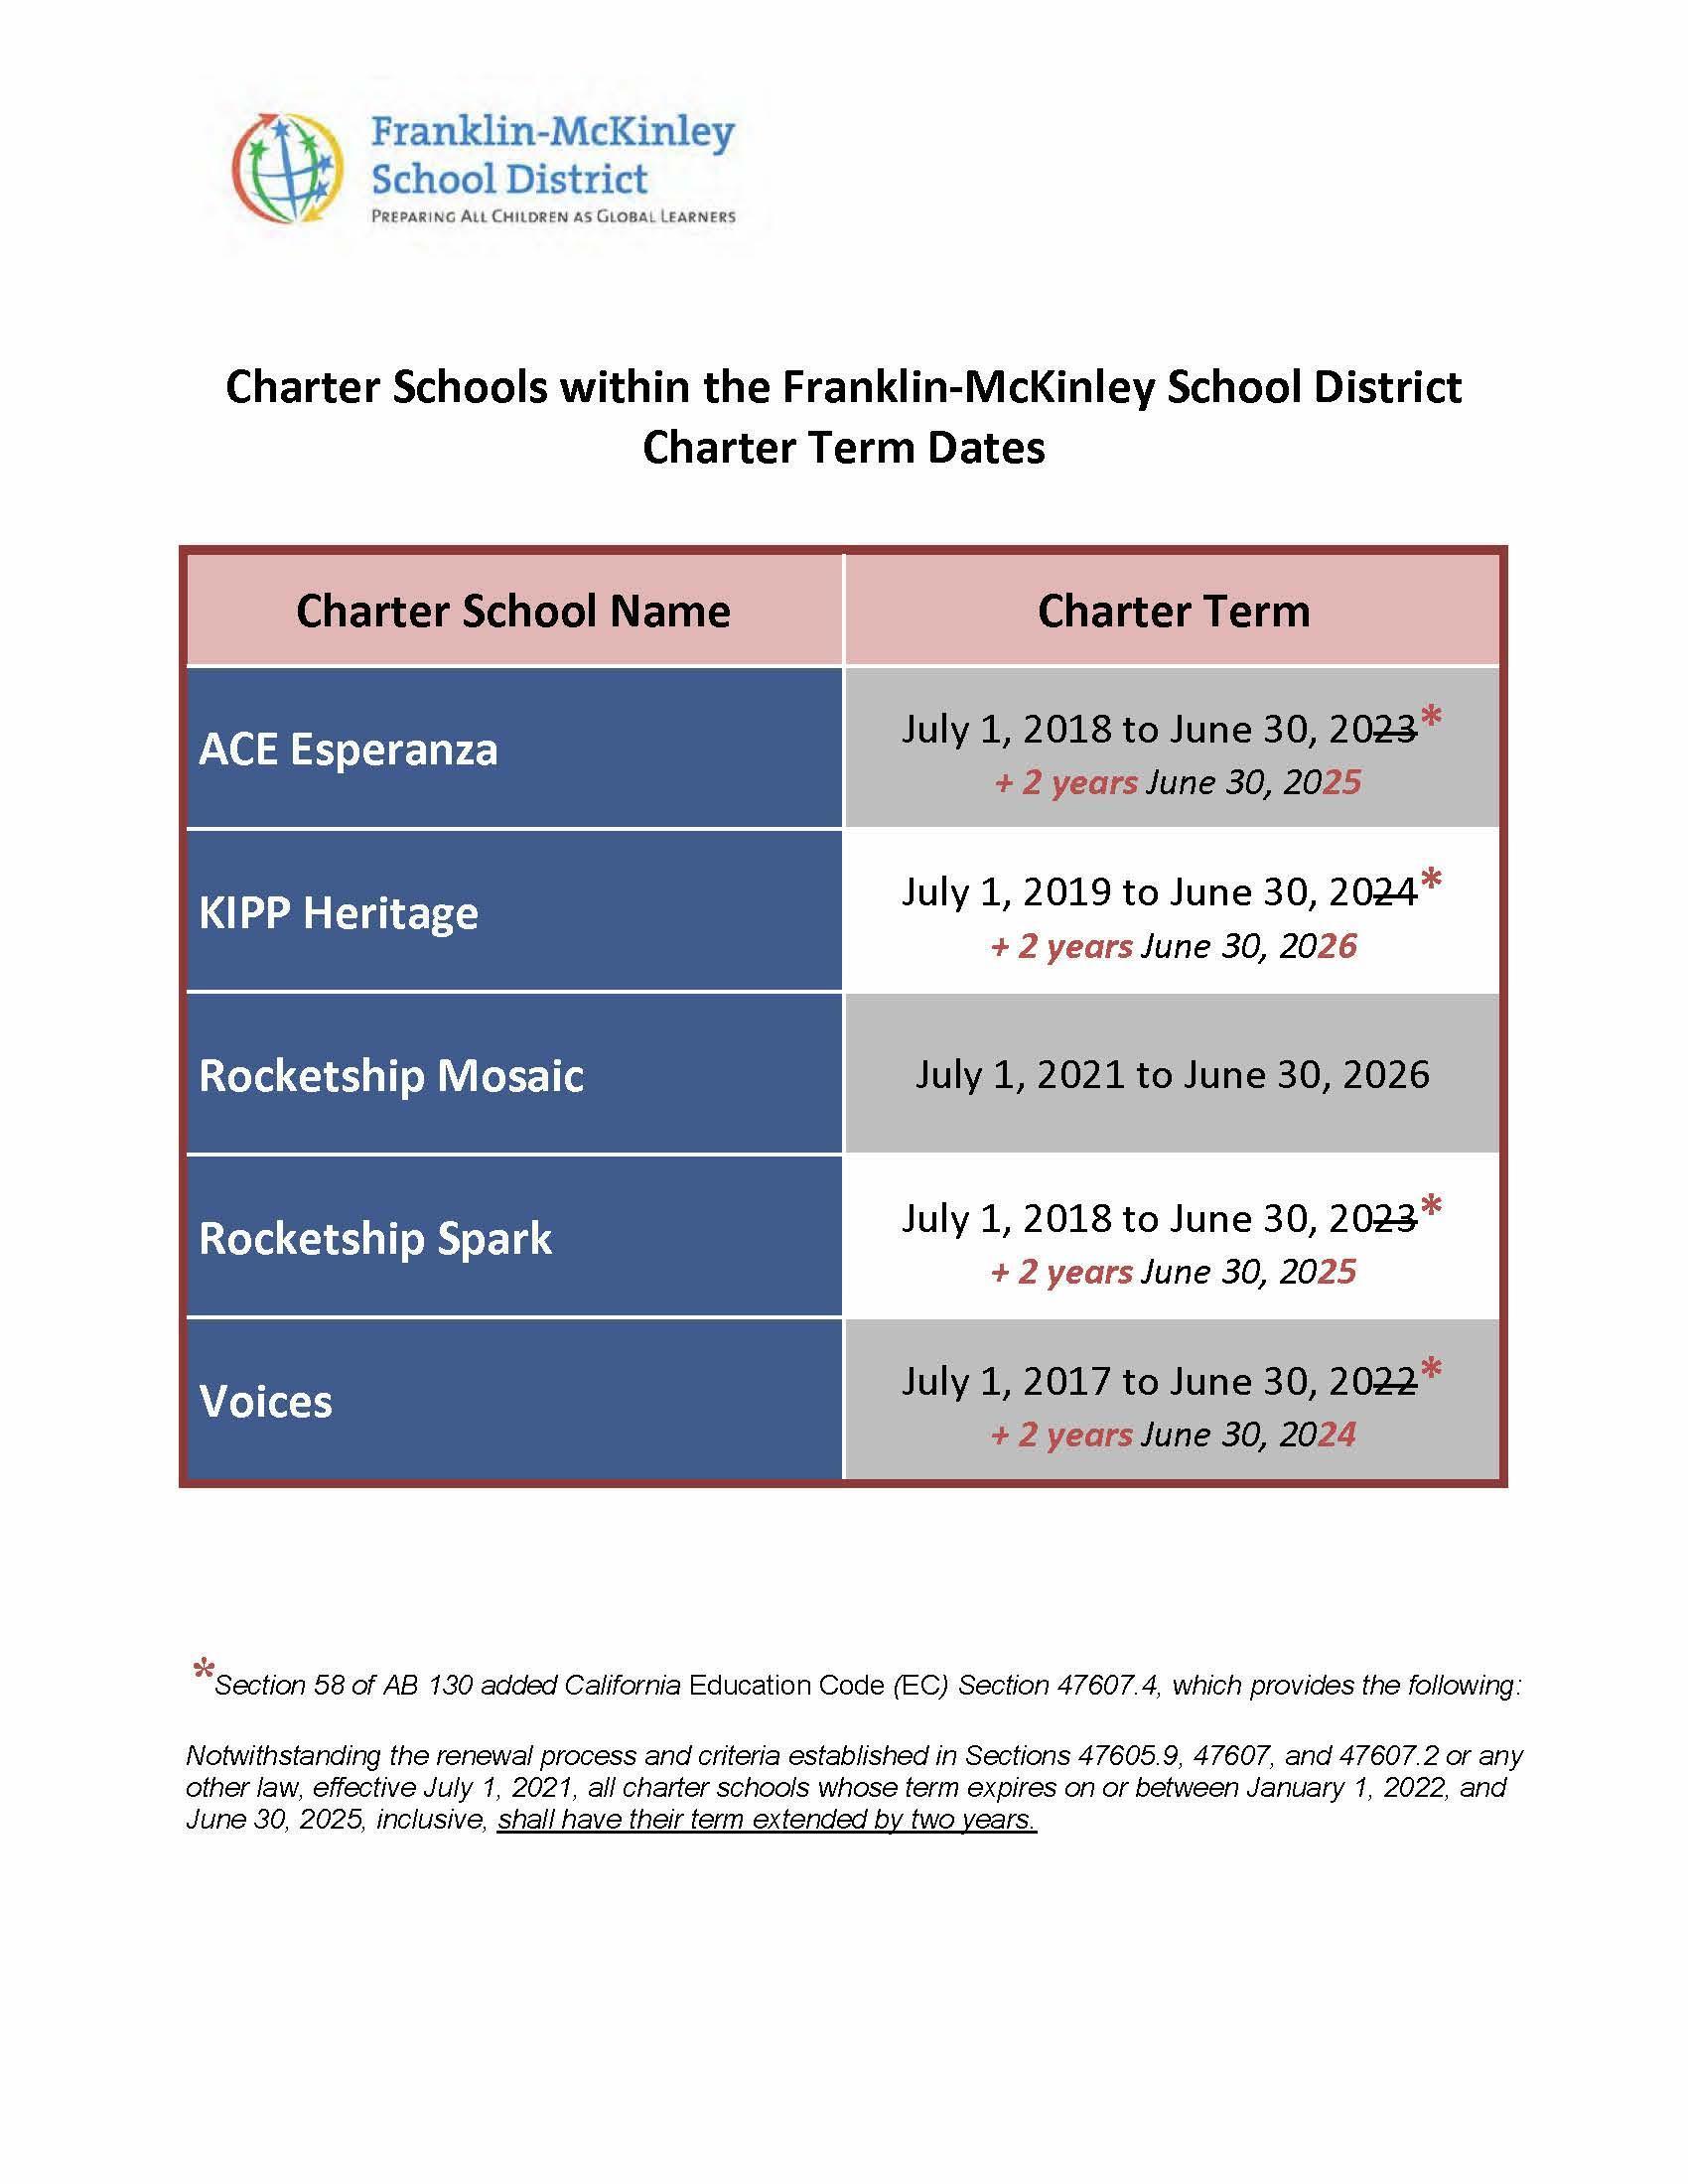 FMSD Charter Term Dates